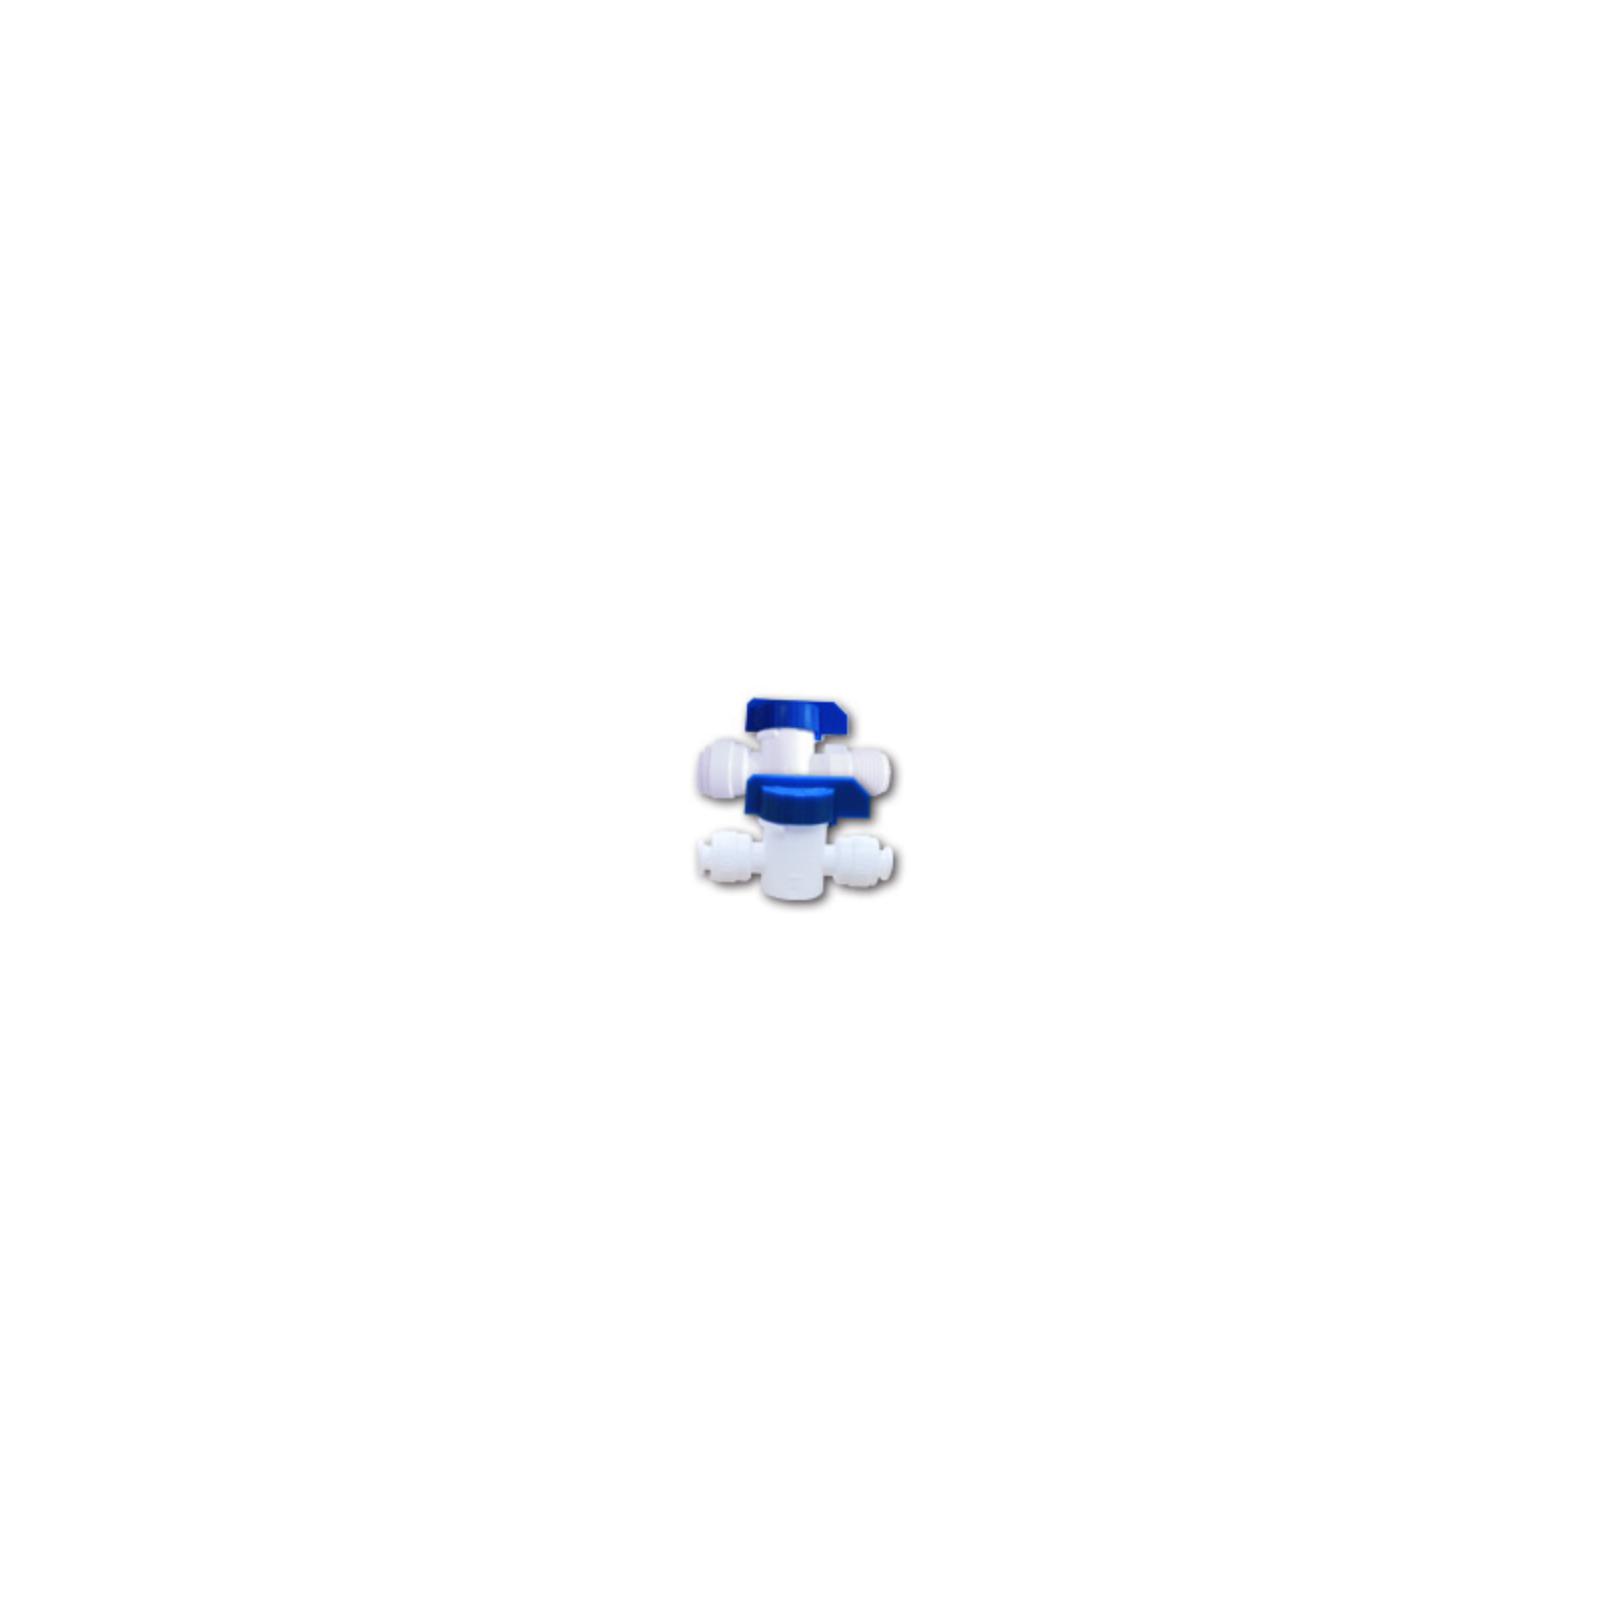 Aquapro oplachovací ventil k reverzní osmóze